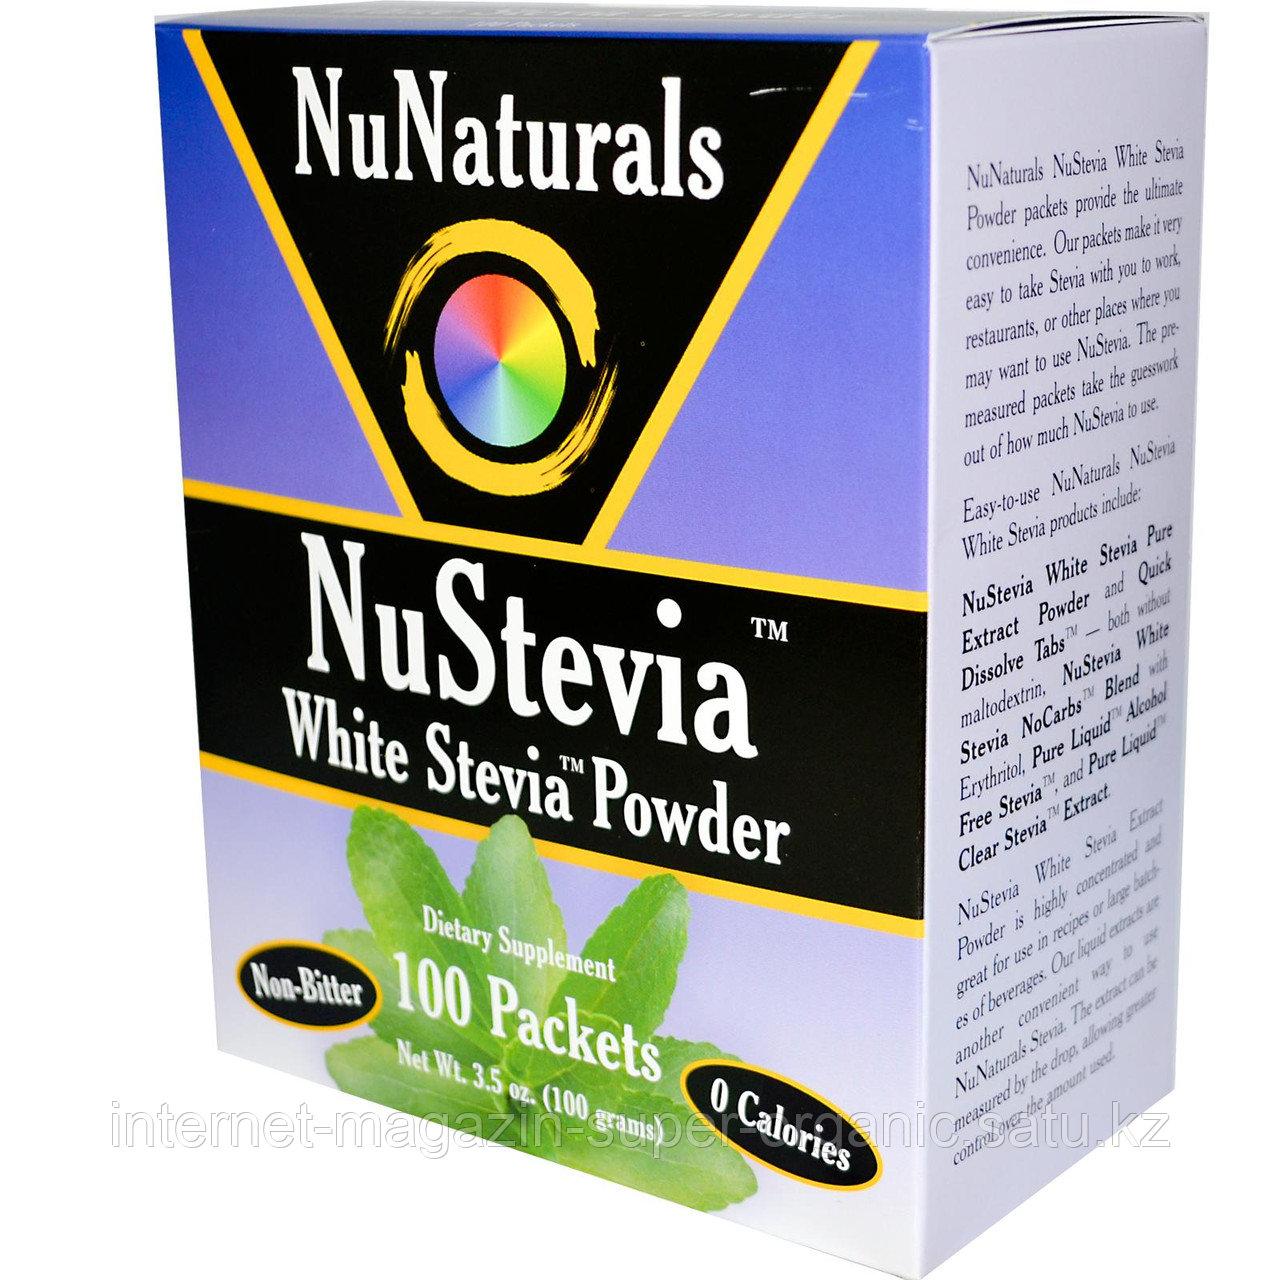 Стевия, подсластитель без калорий, 100 пакетиков в коробке, 100 г, NuNaturals